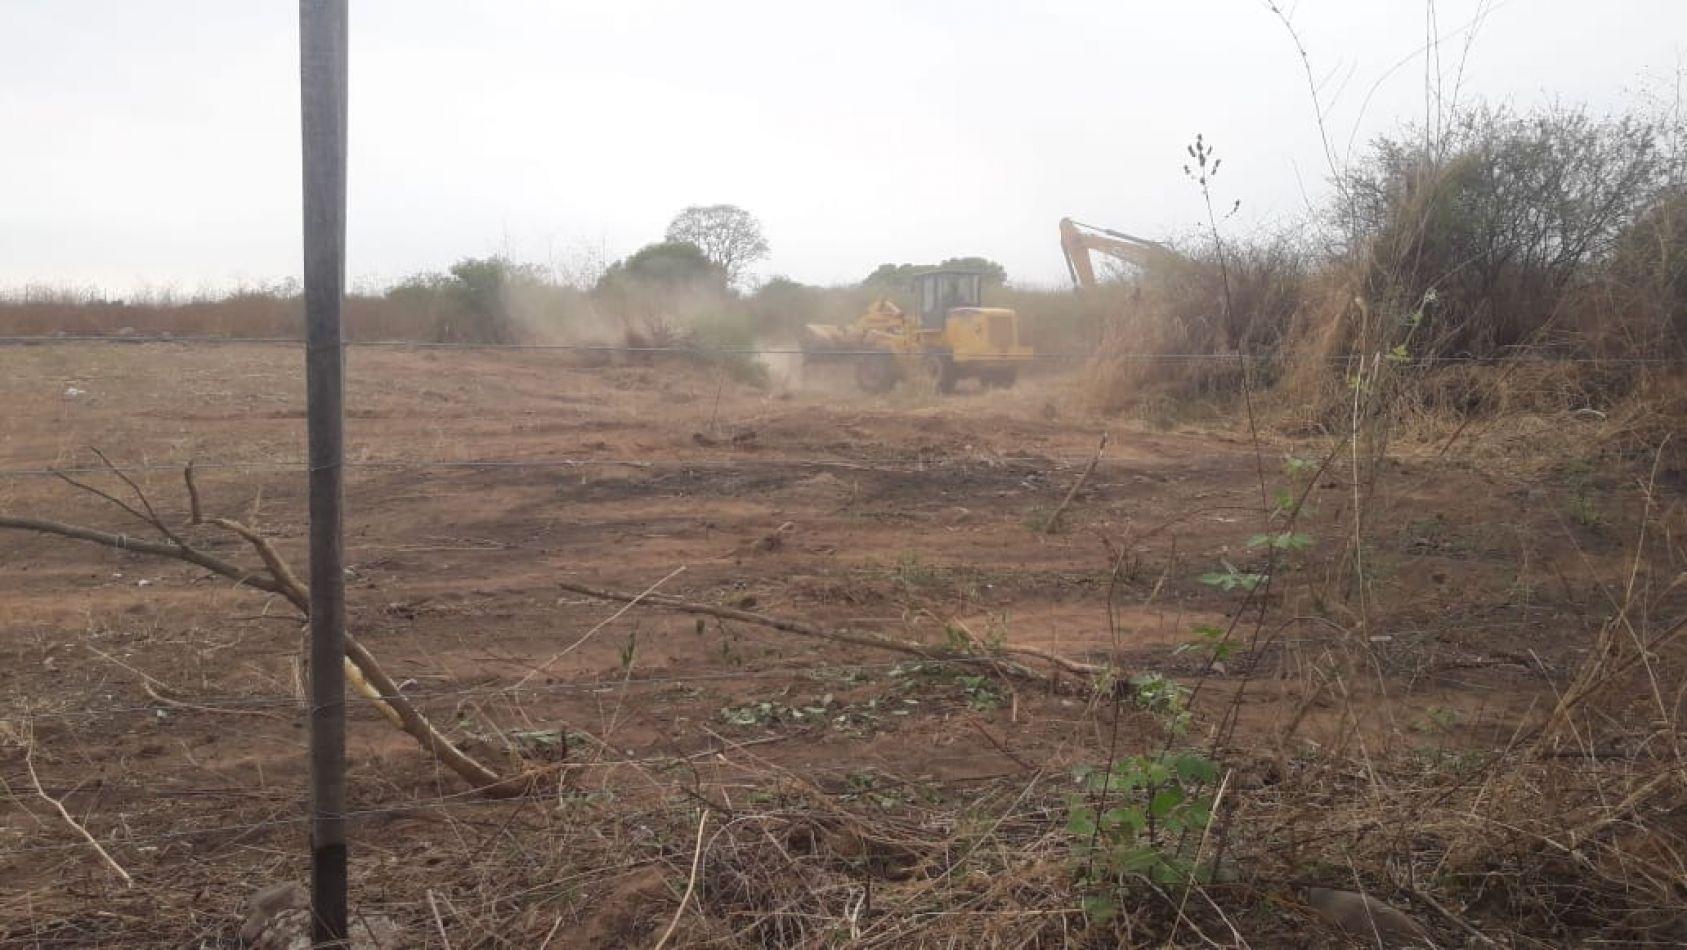 Sin orden del juez, la inmobiliaria Sucre arrasa con una topadora viviendas de la comunidad Tusca Pacha